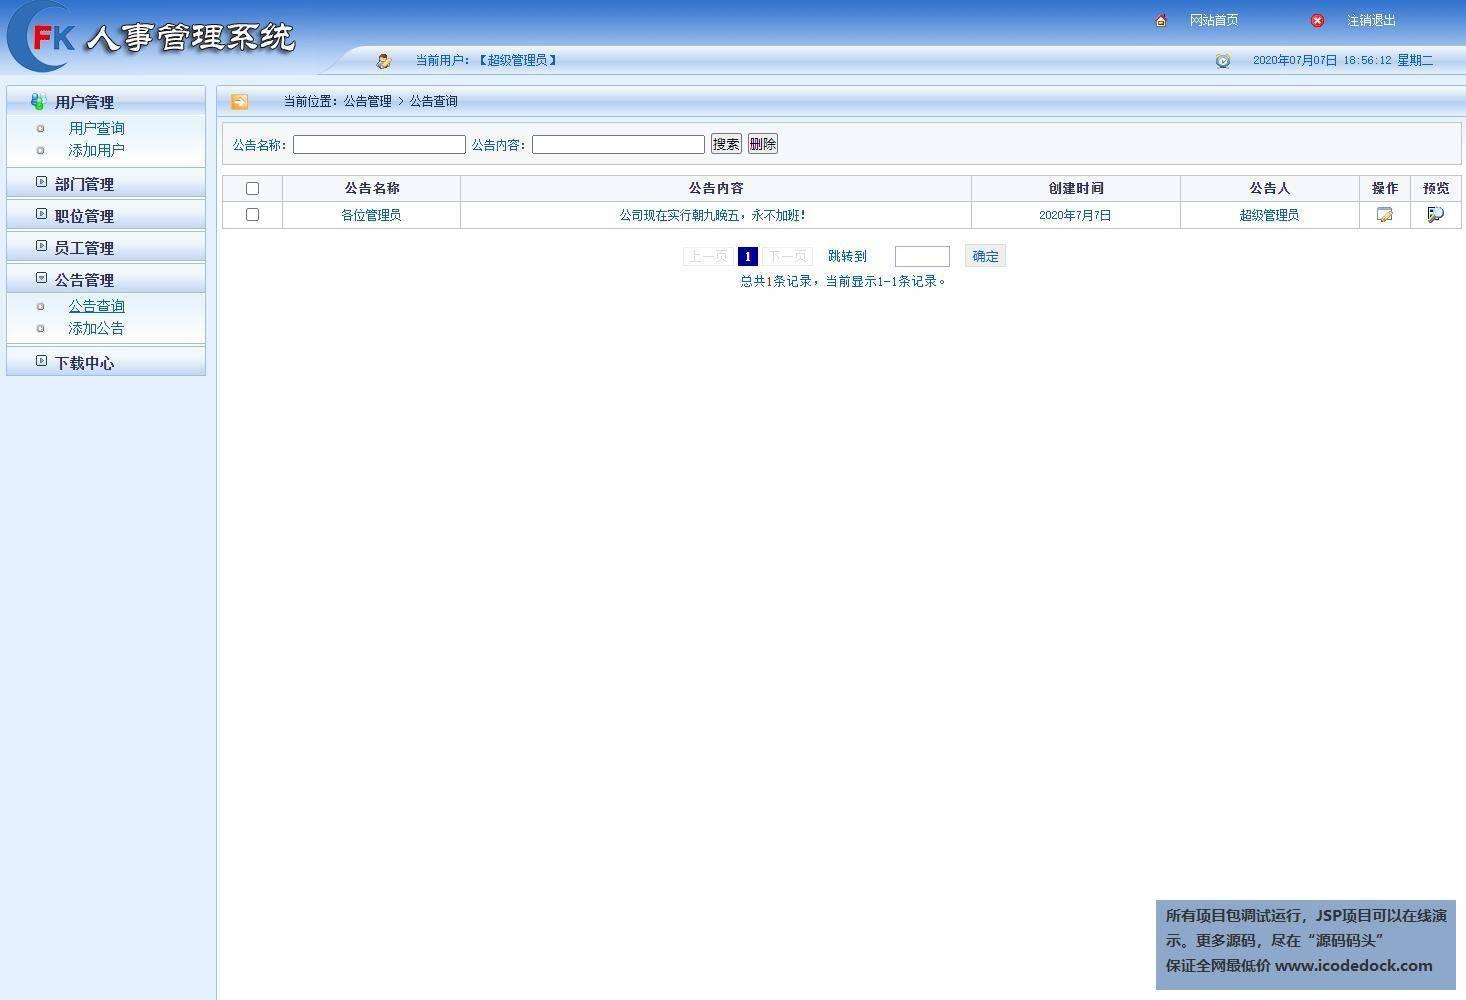 源码码头-SSM公司人事管理系统-管理员角色-公告管理